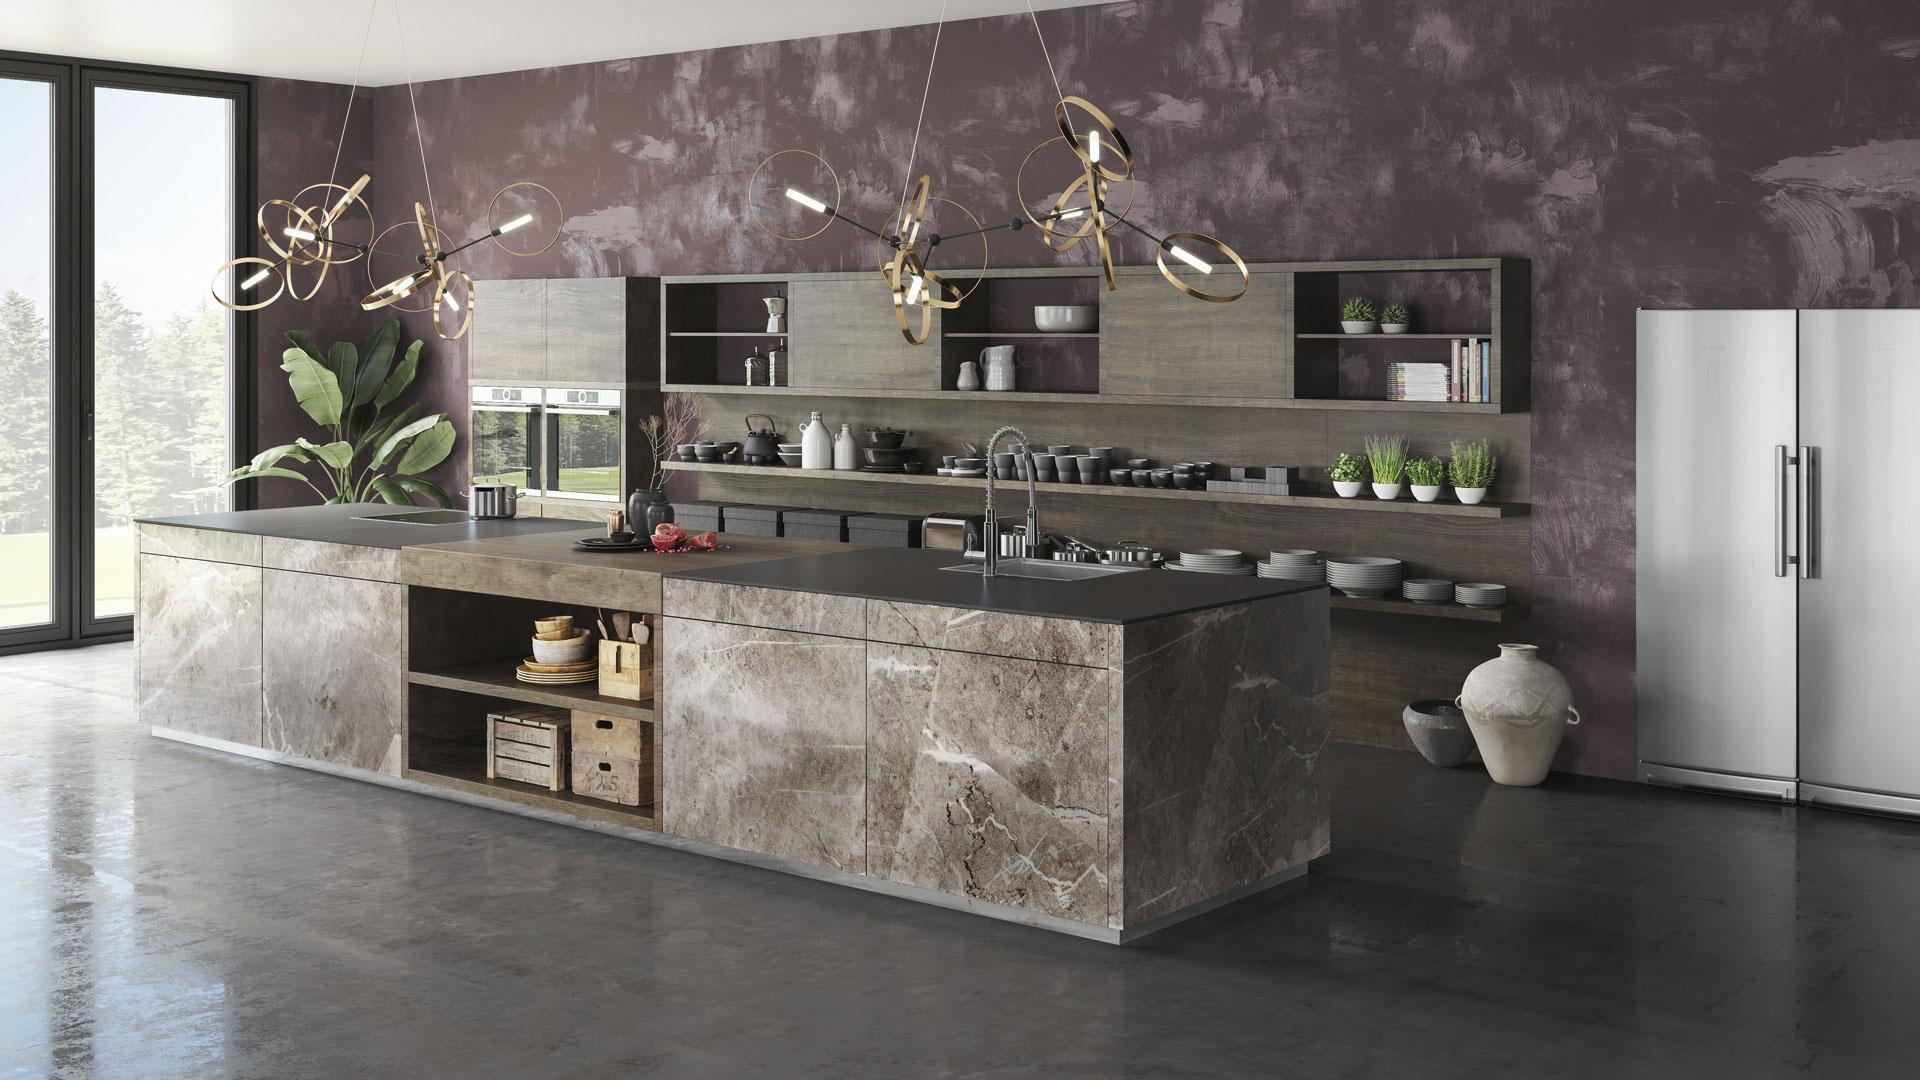 ein immer beliebter werdender Trend auch beim Thema Küche ist der Industrial Style.